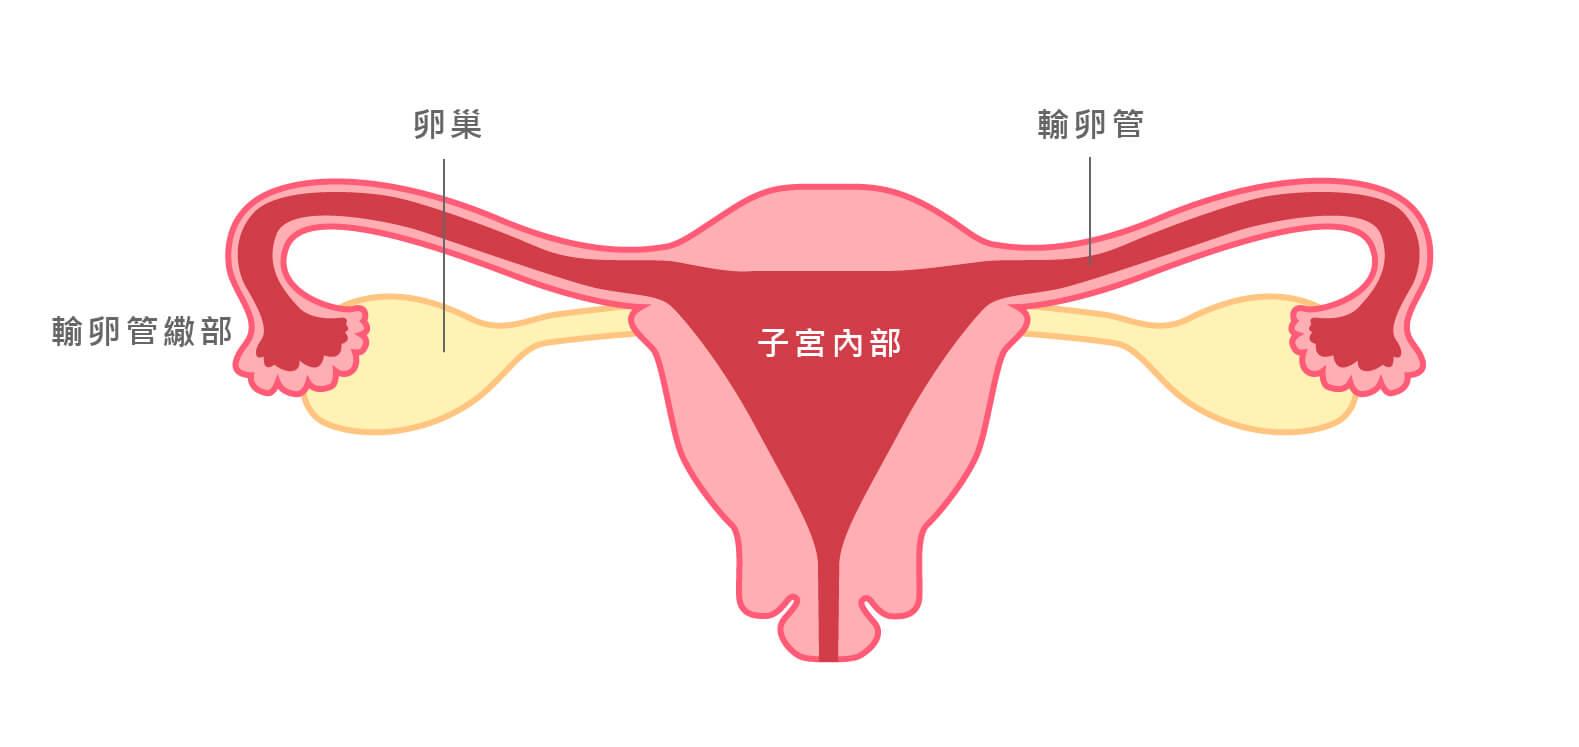 子宮基本構造